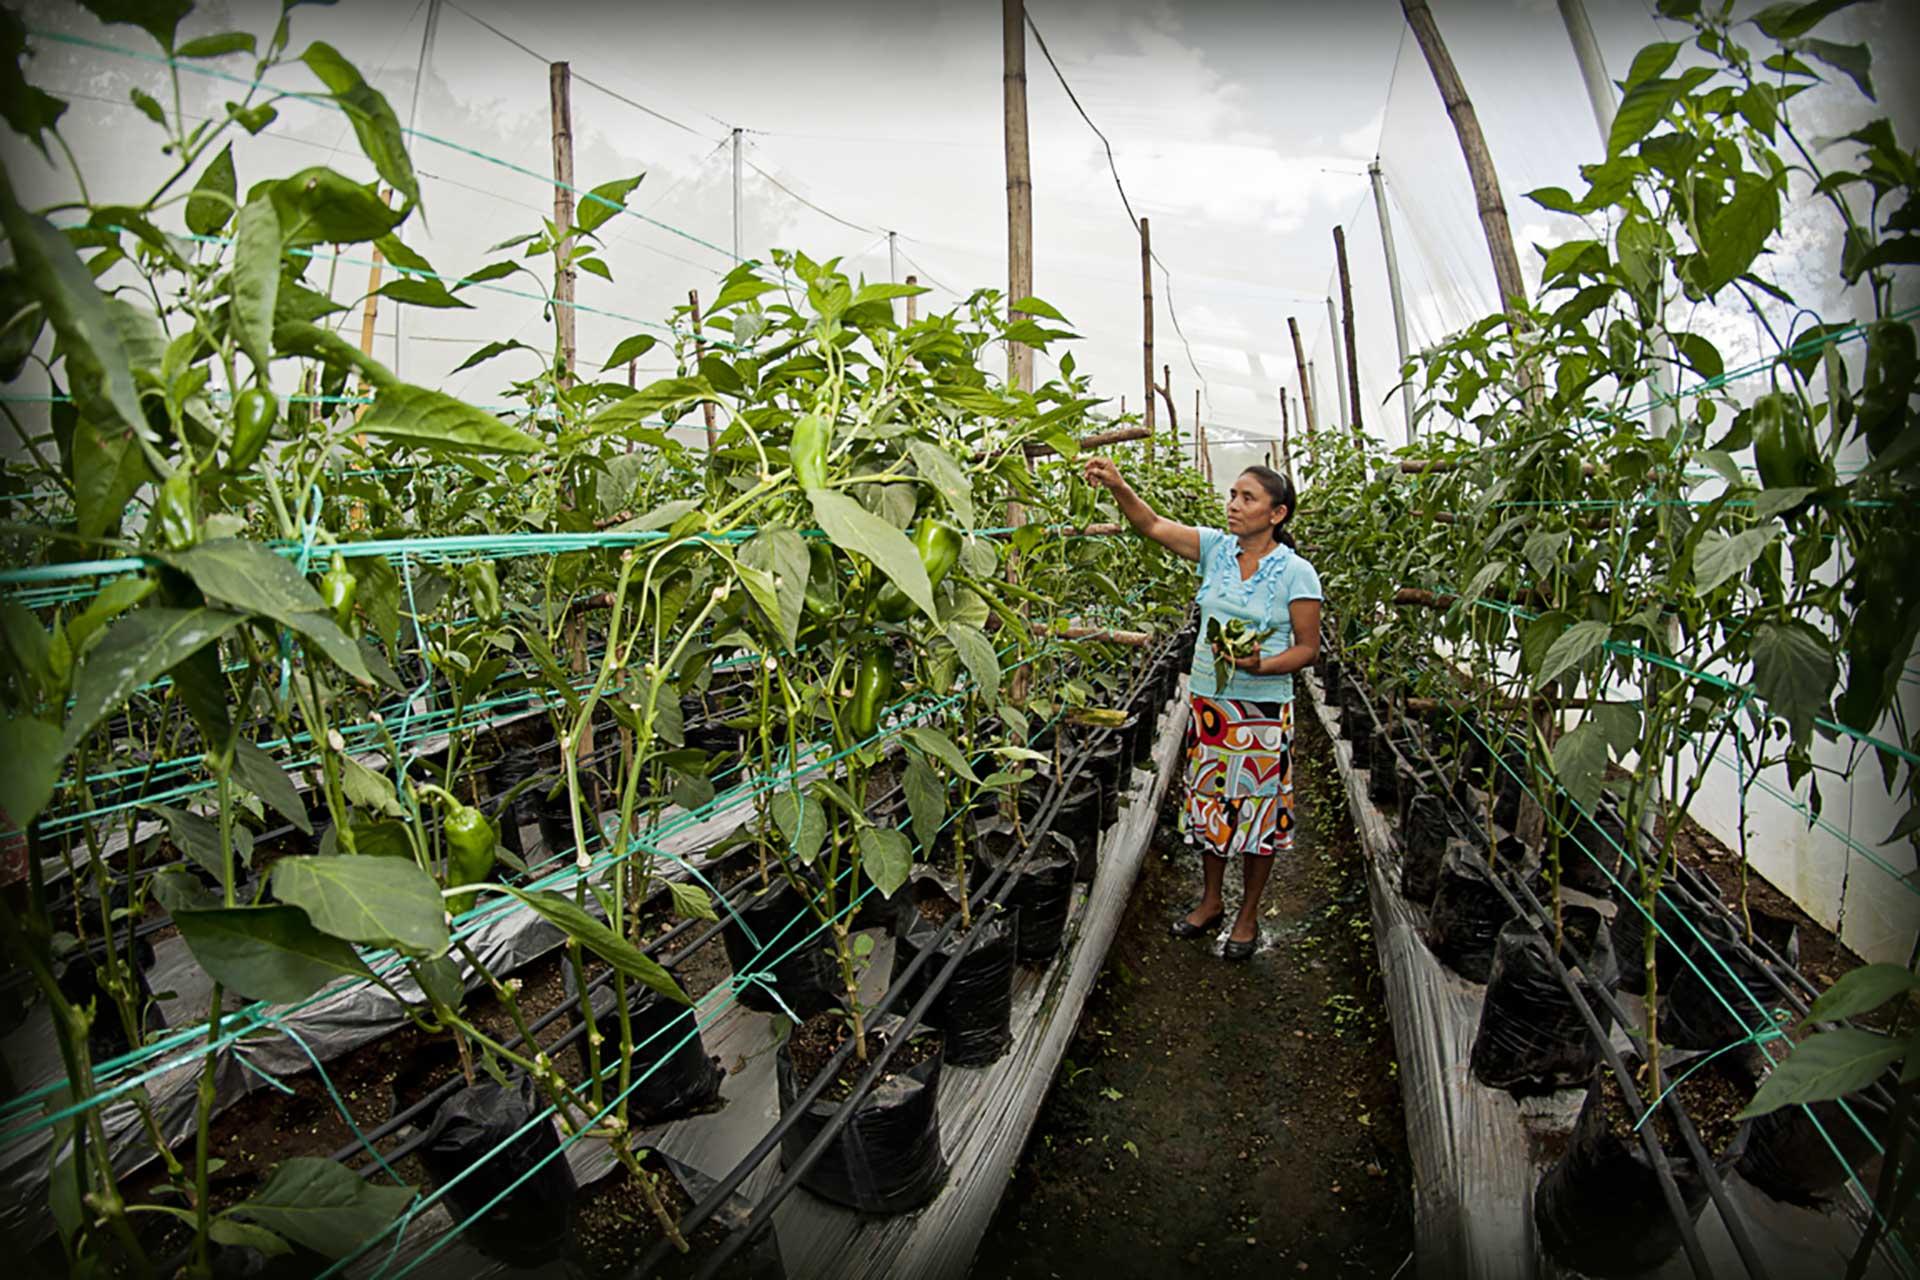 Familias beneficiarias recibieron dotaciones de semillas y fertilizantes para mejorar la variedad y calidad de sus producciones